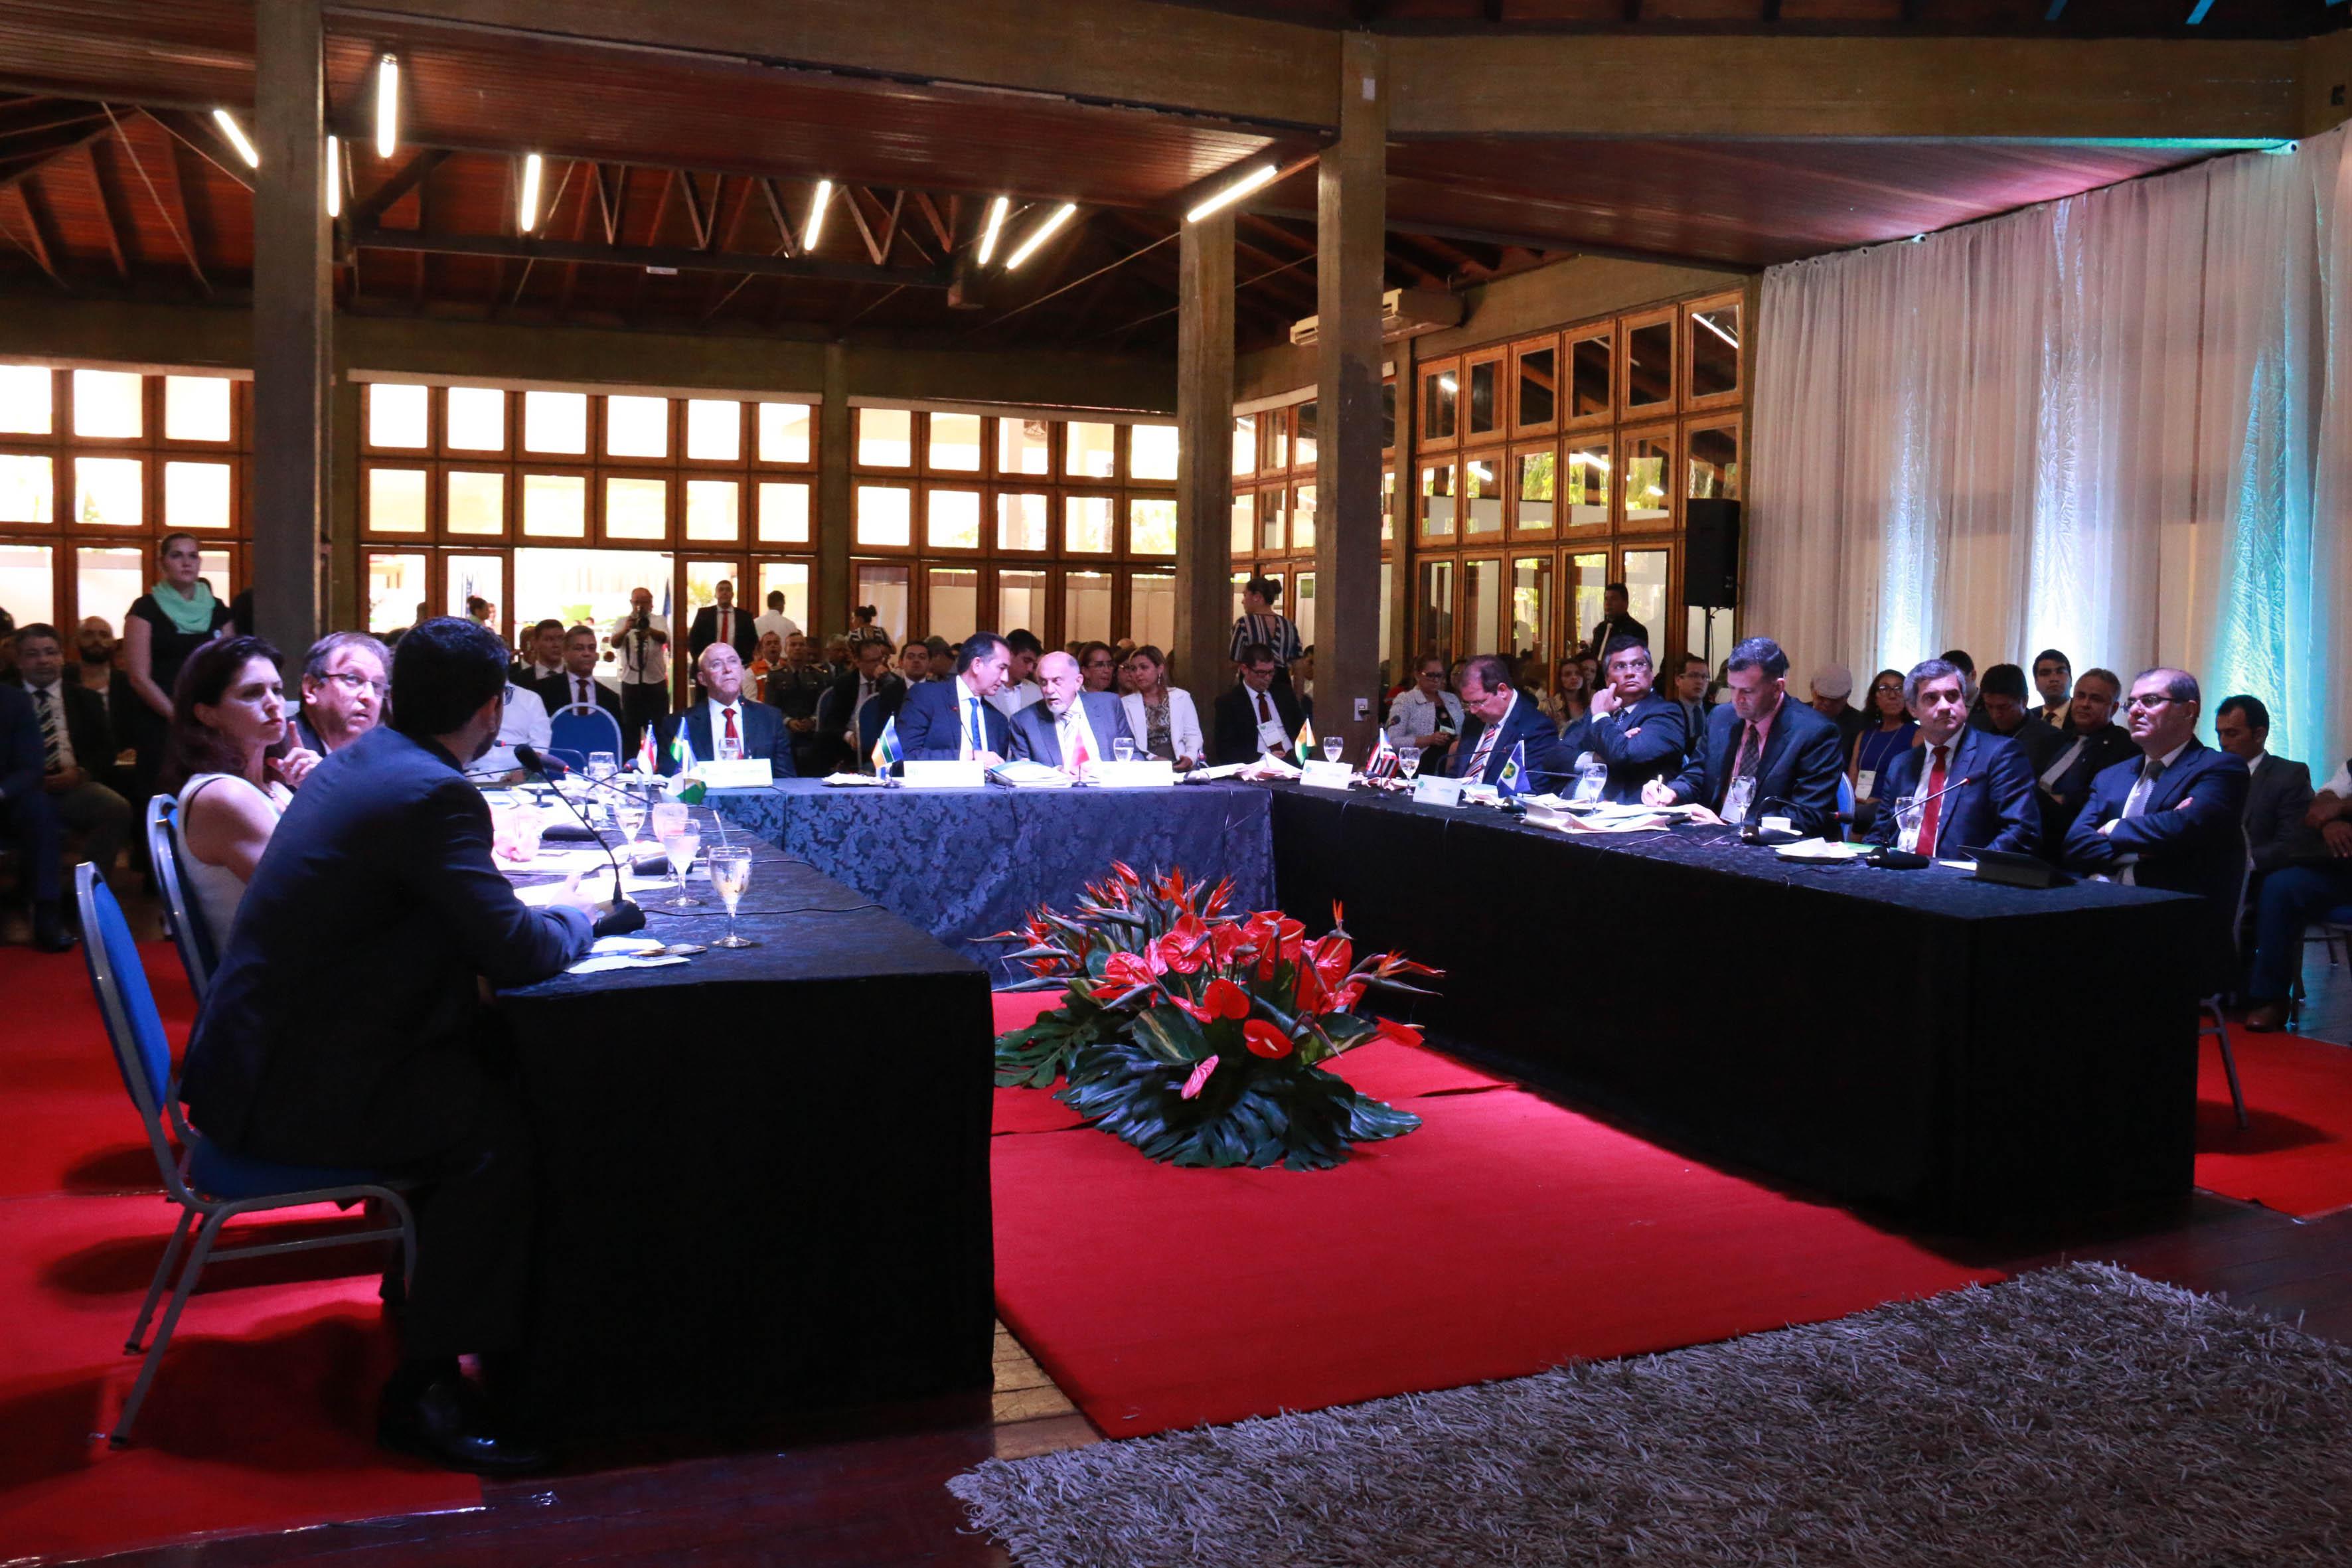 """A comunicação governamental foi um dos pontos da pauta no 13º Fórum de Governadores da Amazônia Legal, ocorrido no Amapá, na quinta e sexta-feira, 26 e 27. Pela primeira vez, o eixo foi discutido e inserido na Carta de Macapá, documento que os governadores assinam, conjuntamente, focando no desenvolvimento da Amazônia. O secretário de Comunicação do Estado do Pará, Daniel Nardin (foto), destacou que a discussão e o compromisso entre os Estados em pactuar a parceria podem mudar o modelo de comunicação prestada pelos governos à sociedade. """"Nossa forma de se comunicar com o cidadão ainda é muito unidirecional. Precisamos repensar a respeito dos métodos aplicados nos governos, debater sobre o relacionamento com a imprensa e entender as novas tecnologias para se adequar aos novos moldes de divulgação, planejamento e gerenciamento de crises"""", declarou. FOTO: JORGE COSTA / SECOM-AP DATA: 27.01.2017 MACAPÁ - AP"""